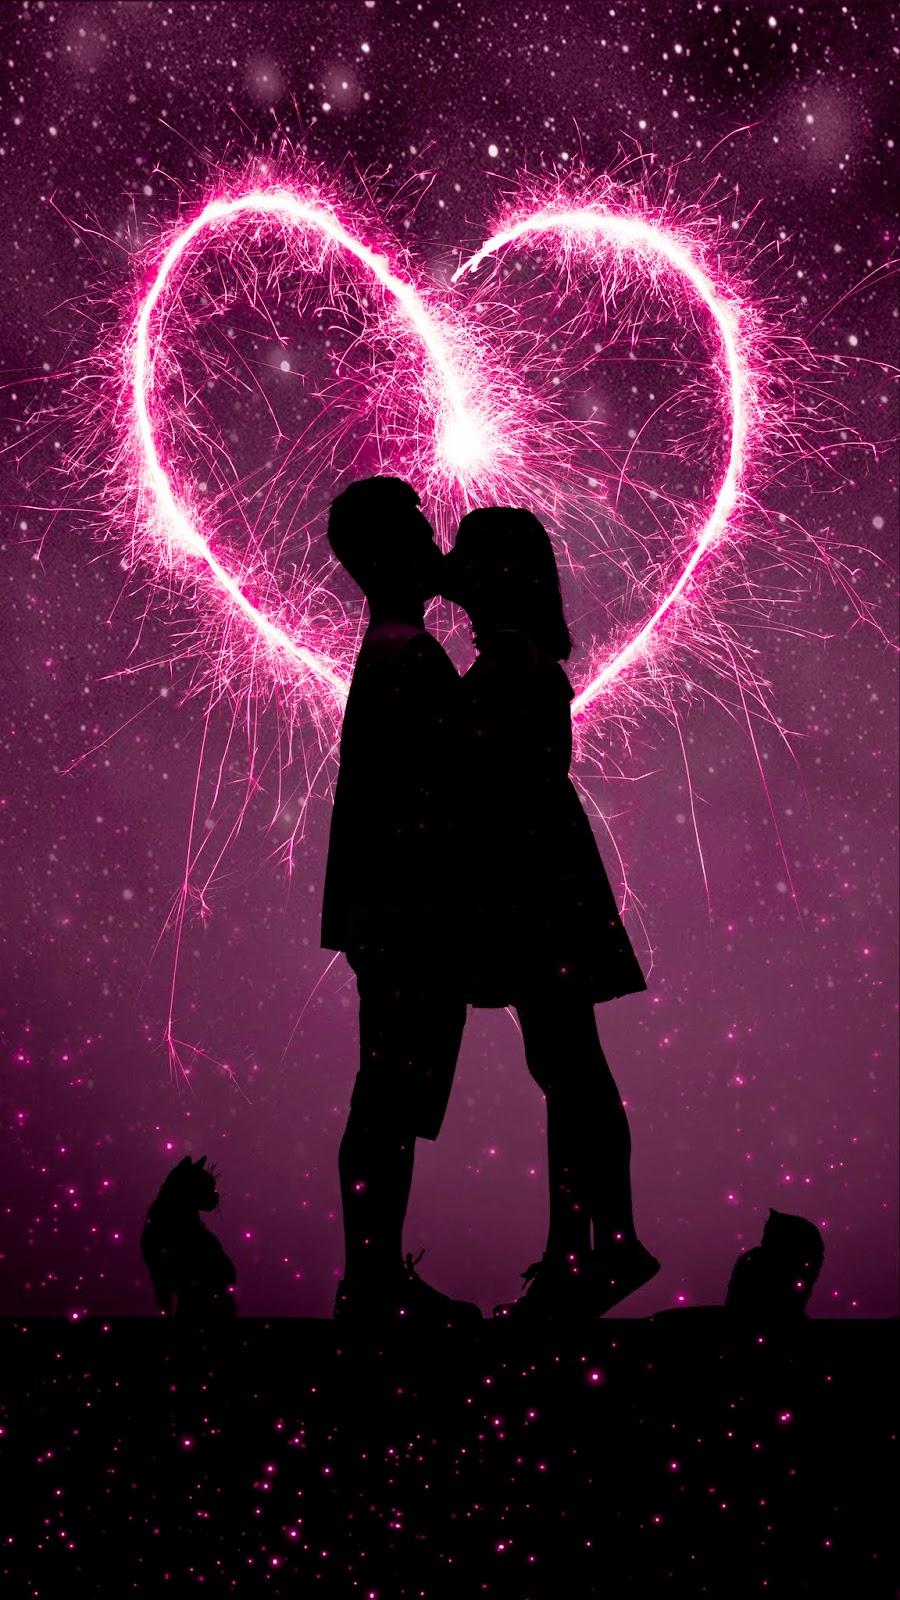 Tình yêu giữa màn đêm